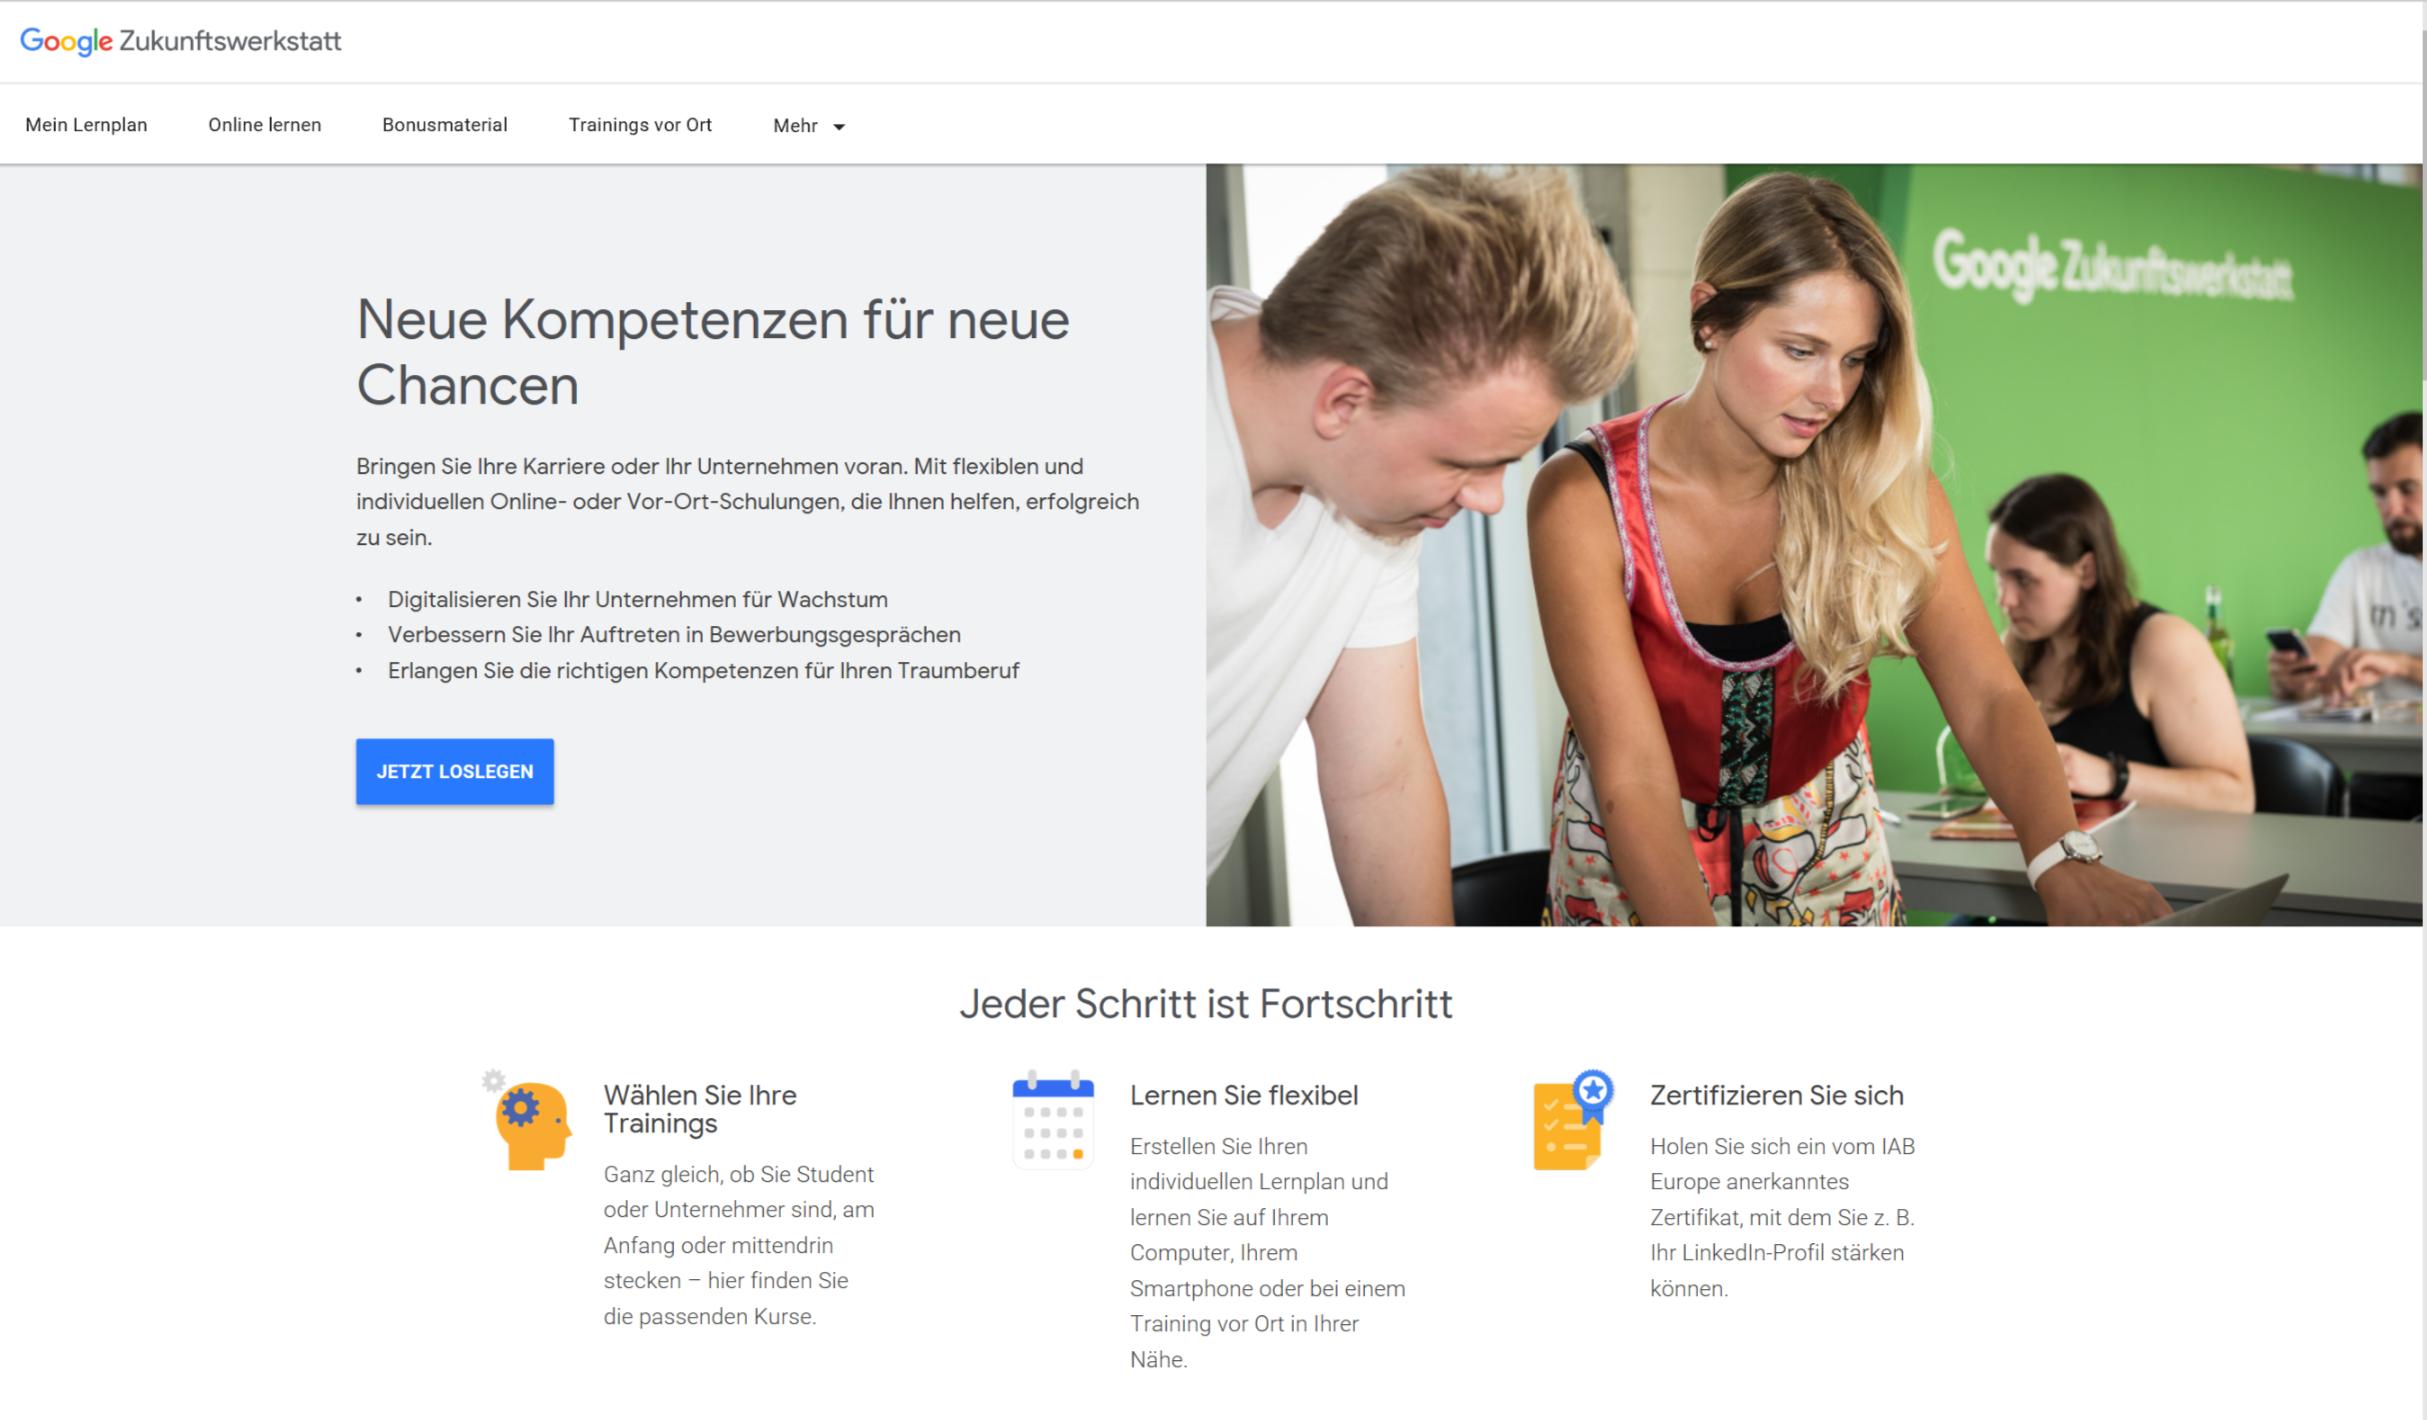 smyle Webdesign-Erfahrungen mit der Google Zukunftswerkstatt-Startseite-Dashboard